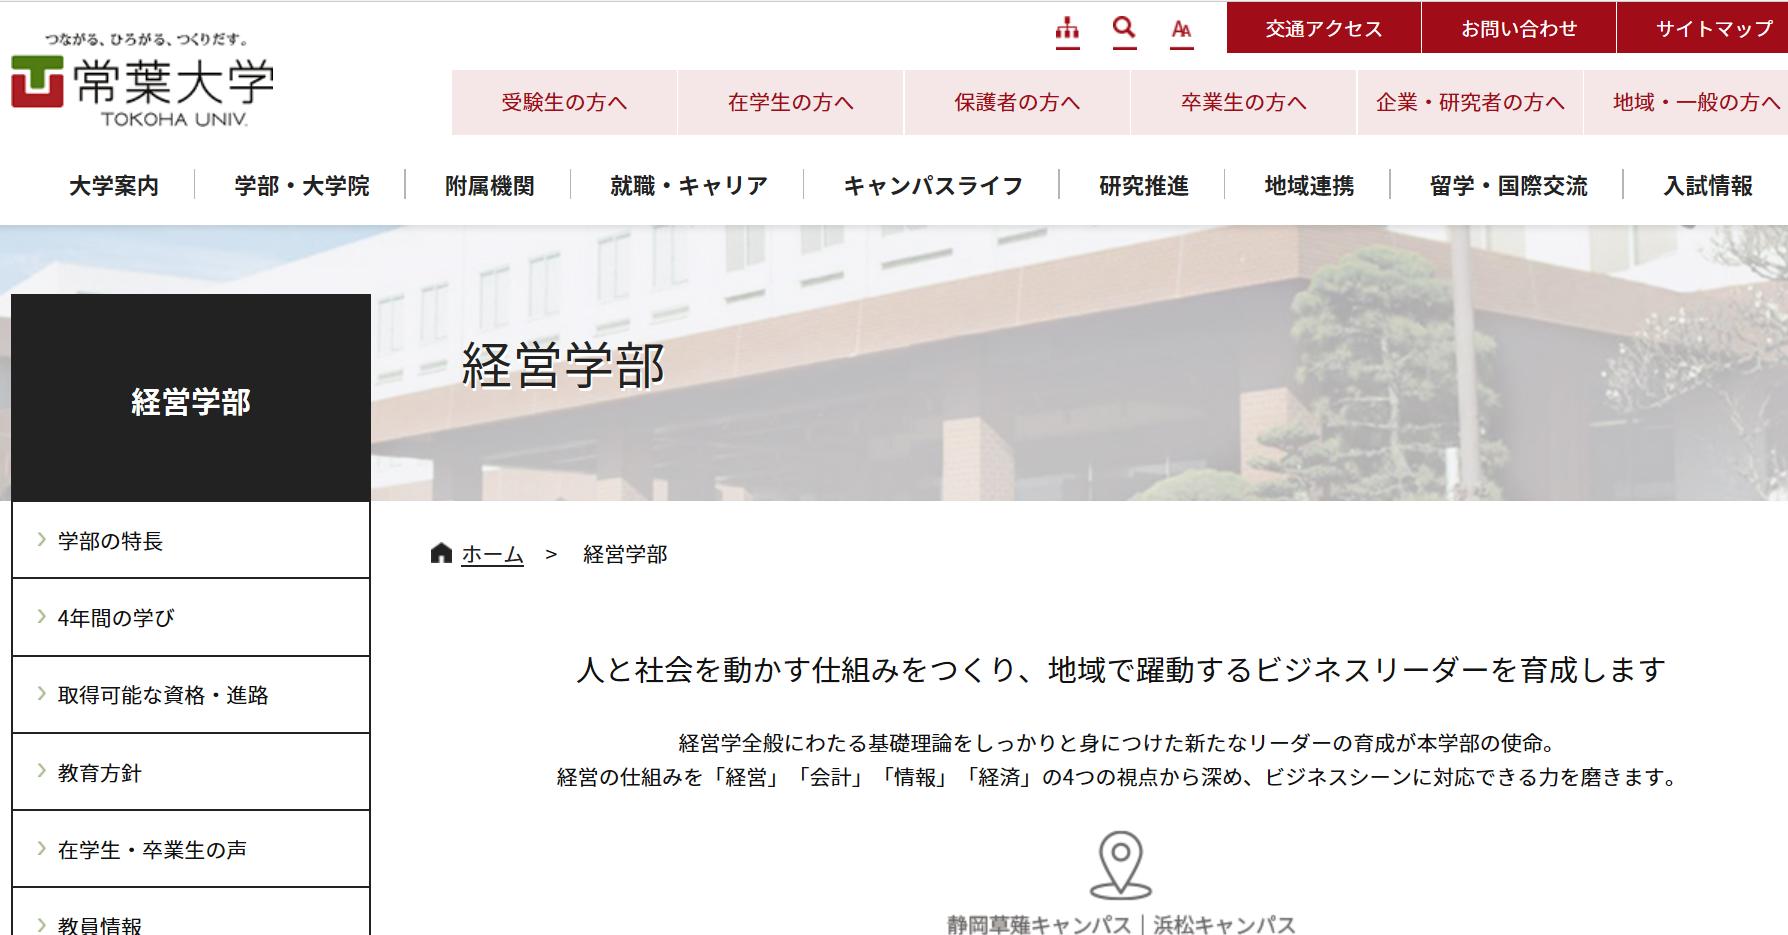 常葉大学の評判・口コミ【経営学部編】